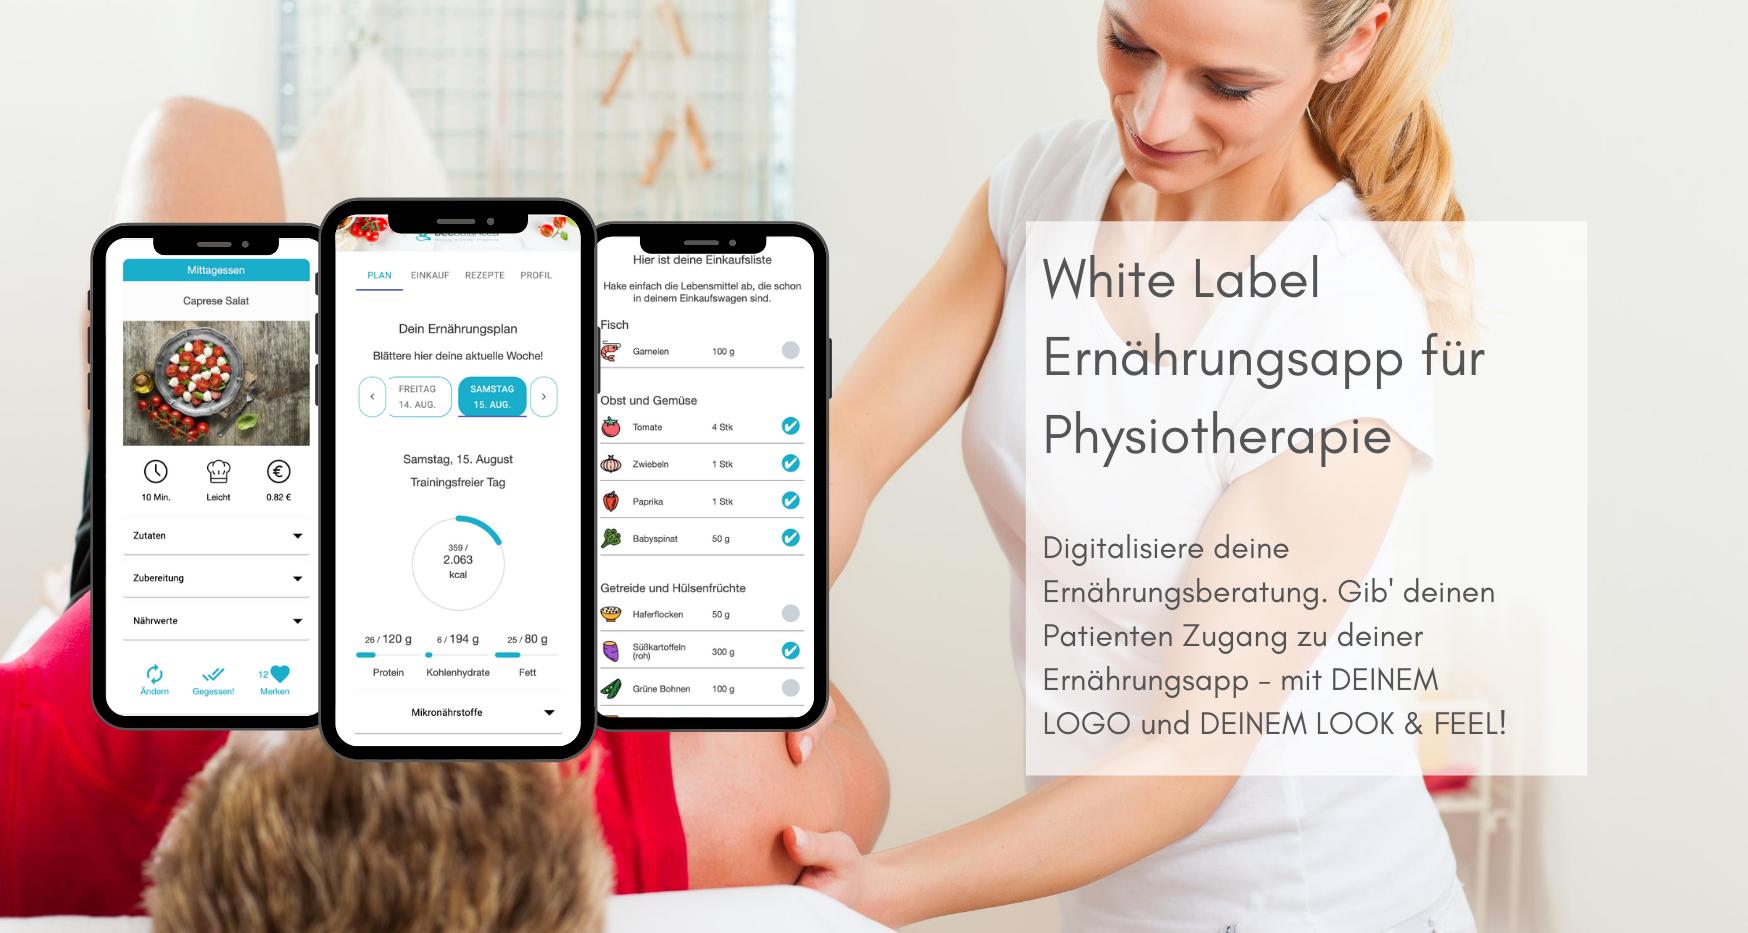 White Label App für Physiotheraphie